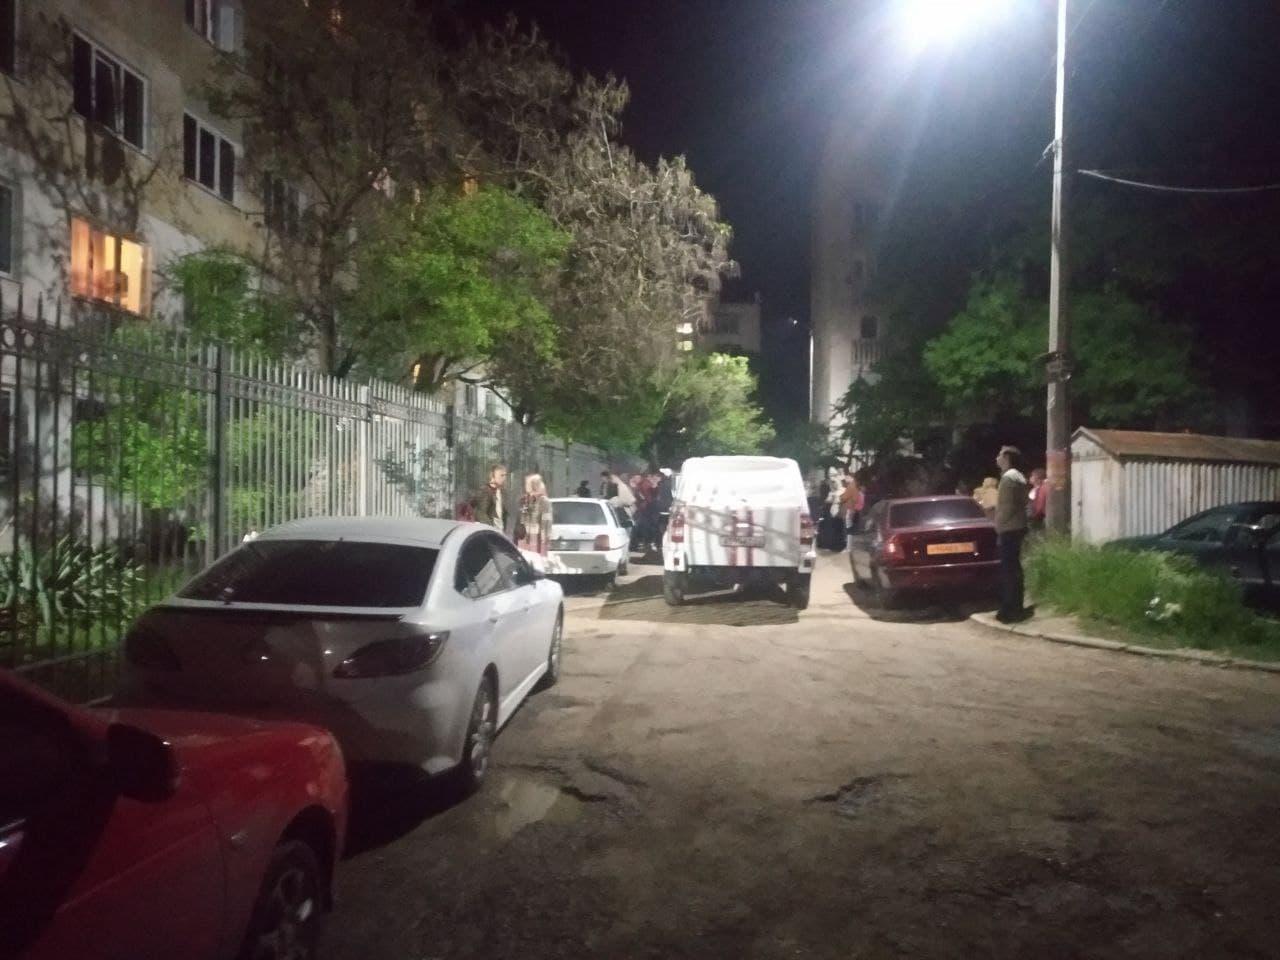 Сообщение о «минировании» университета в Севастополе оказалось ложным